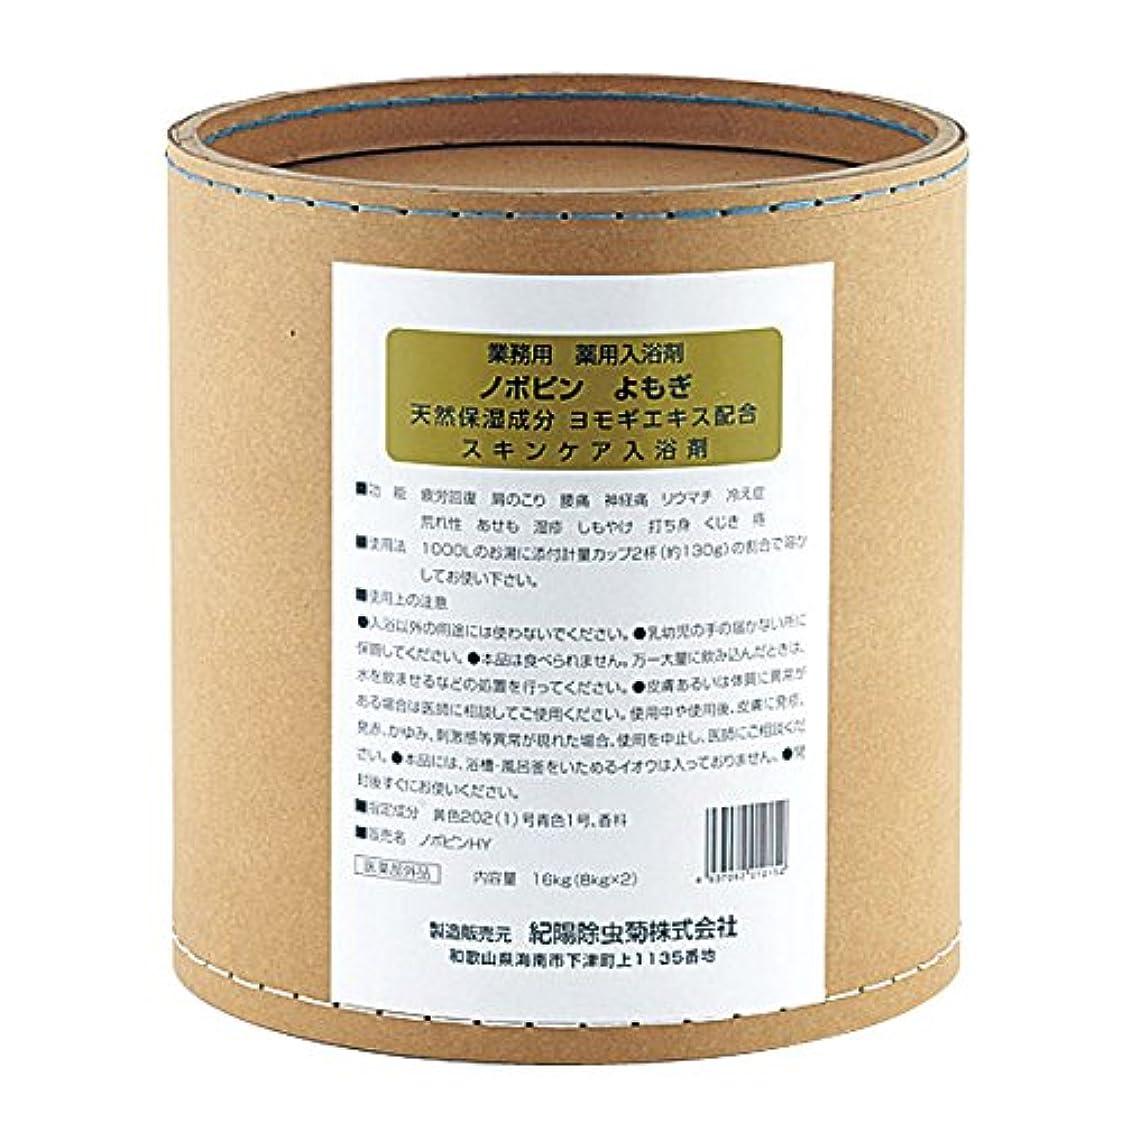 地球続ける追い出す業務用入浴剤ノボピンよもぎ16kg(8kg*2)